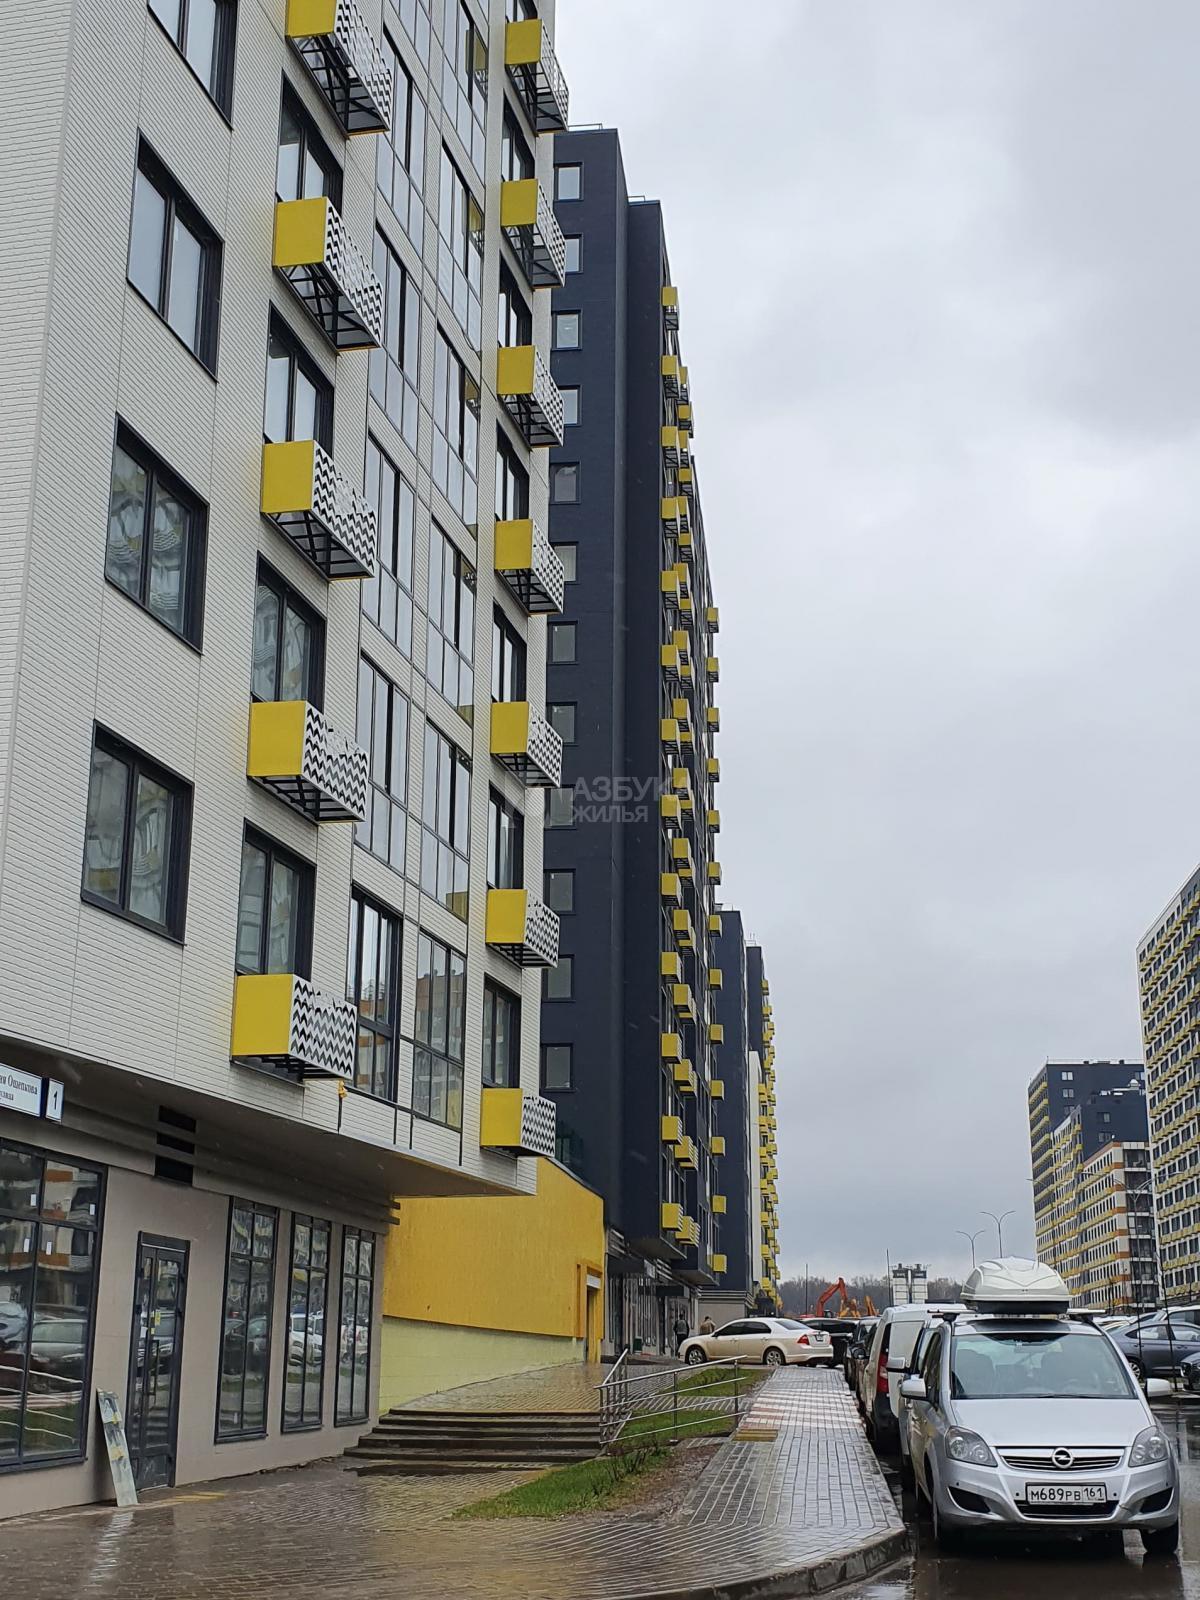 Фото №2 - 1-комнатная квартира, Москва, поселок Сосенское, Василия Ощепкова улица 3, метро Коммунарка